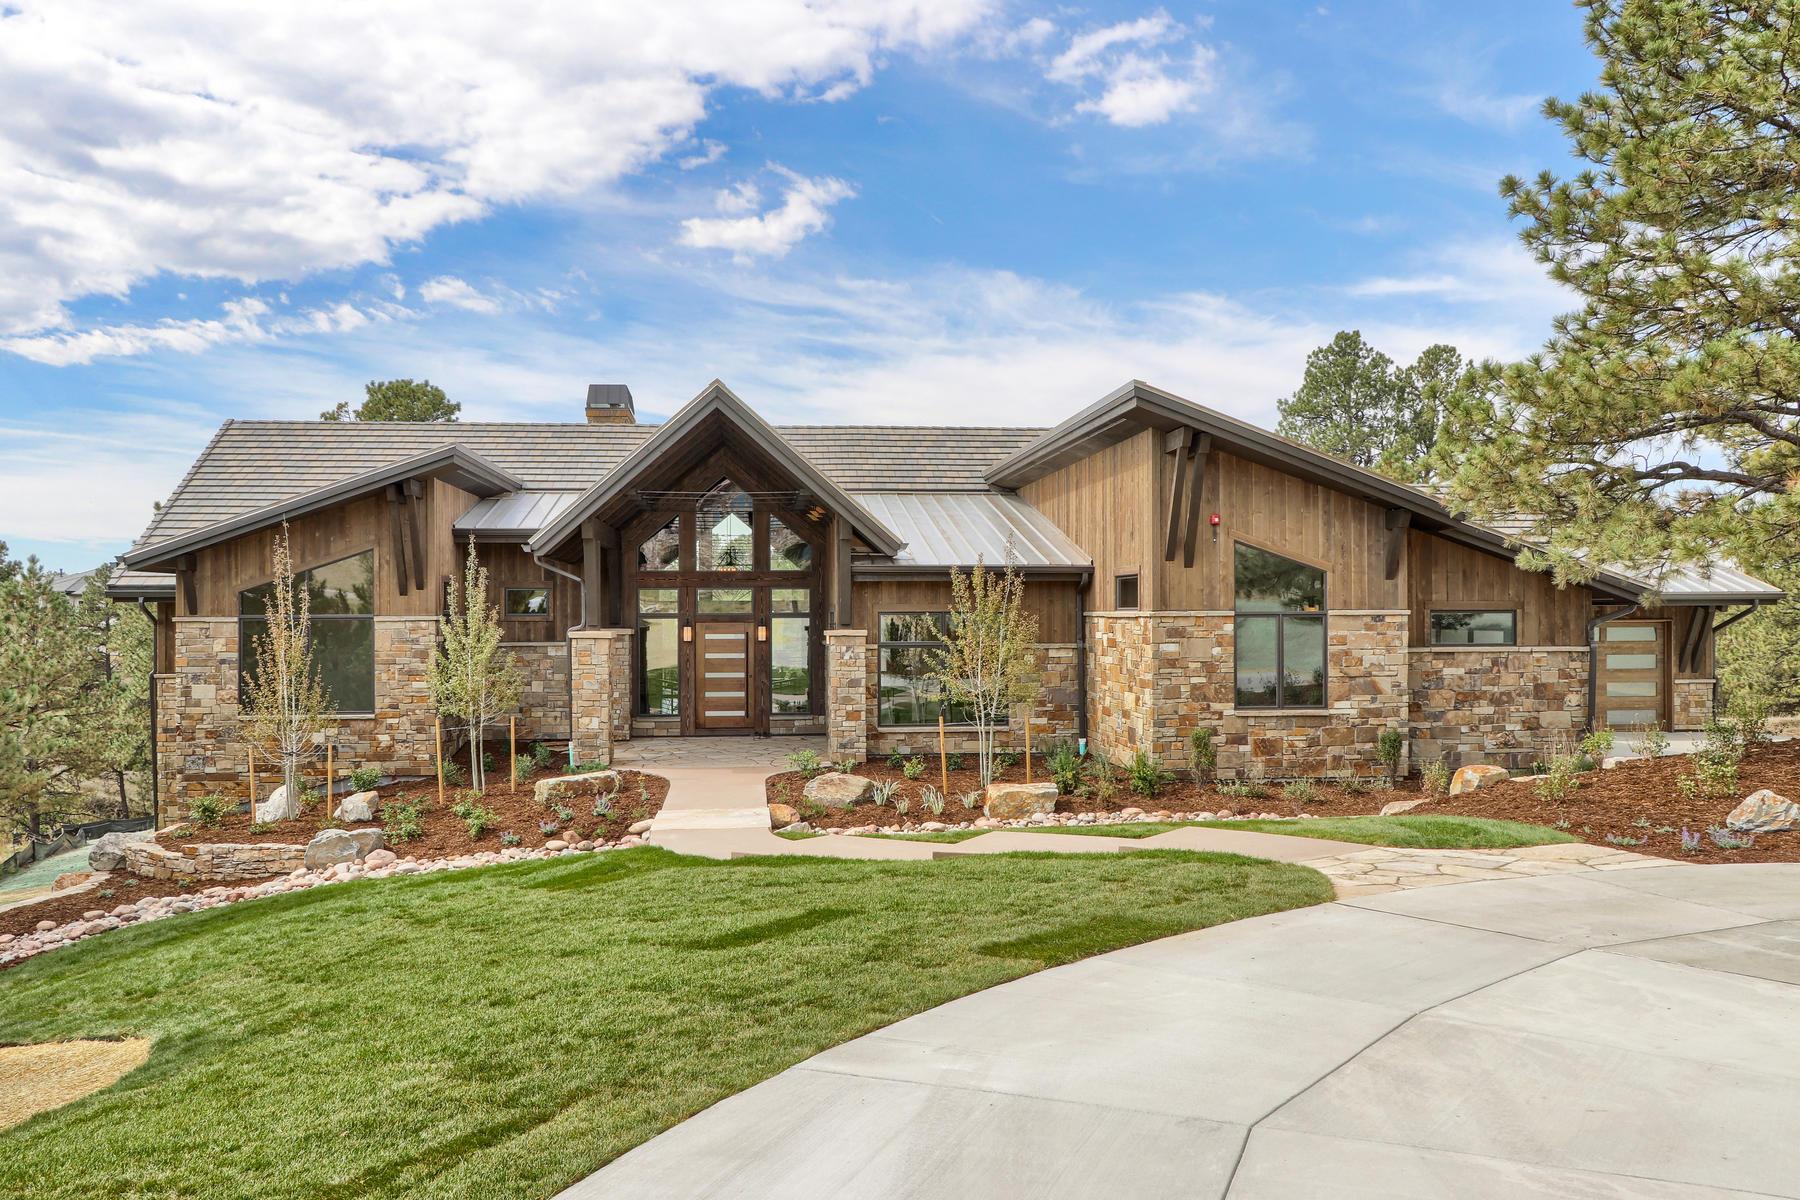 Casa Unifamiliar por un Venta en 8278 Whisperwood Ct 8278 Whisperwood Ct Parker, Colorado 80134 Estados Unidos